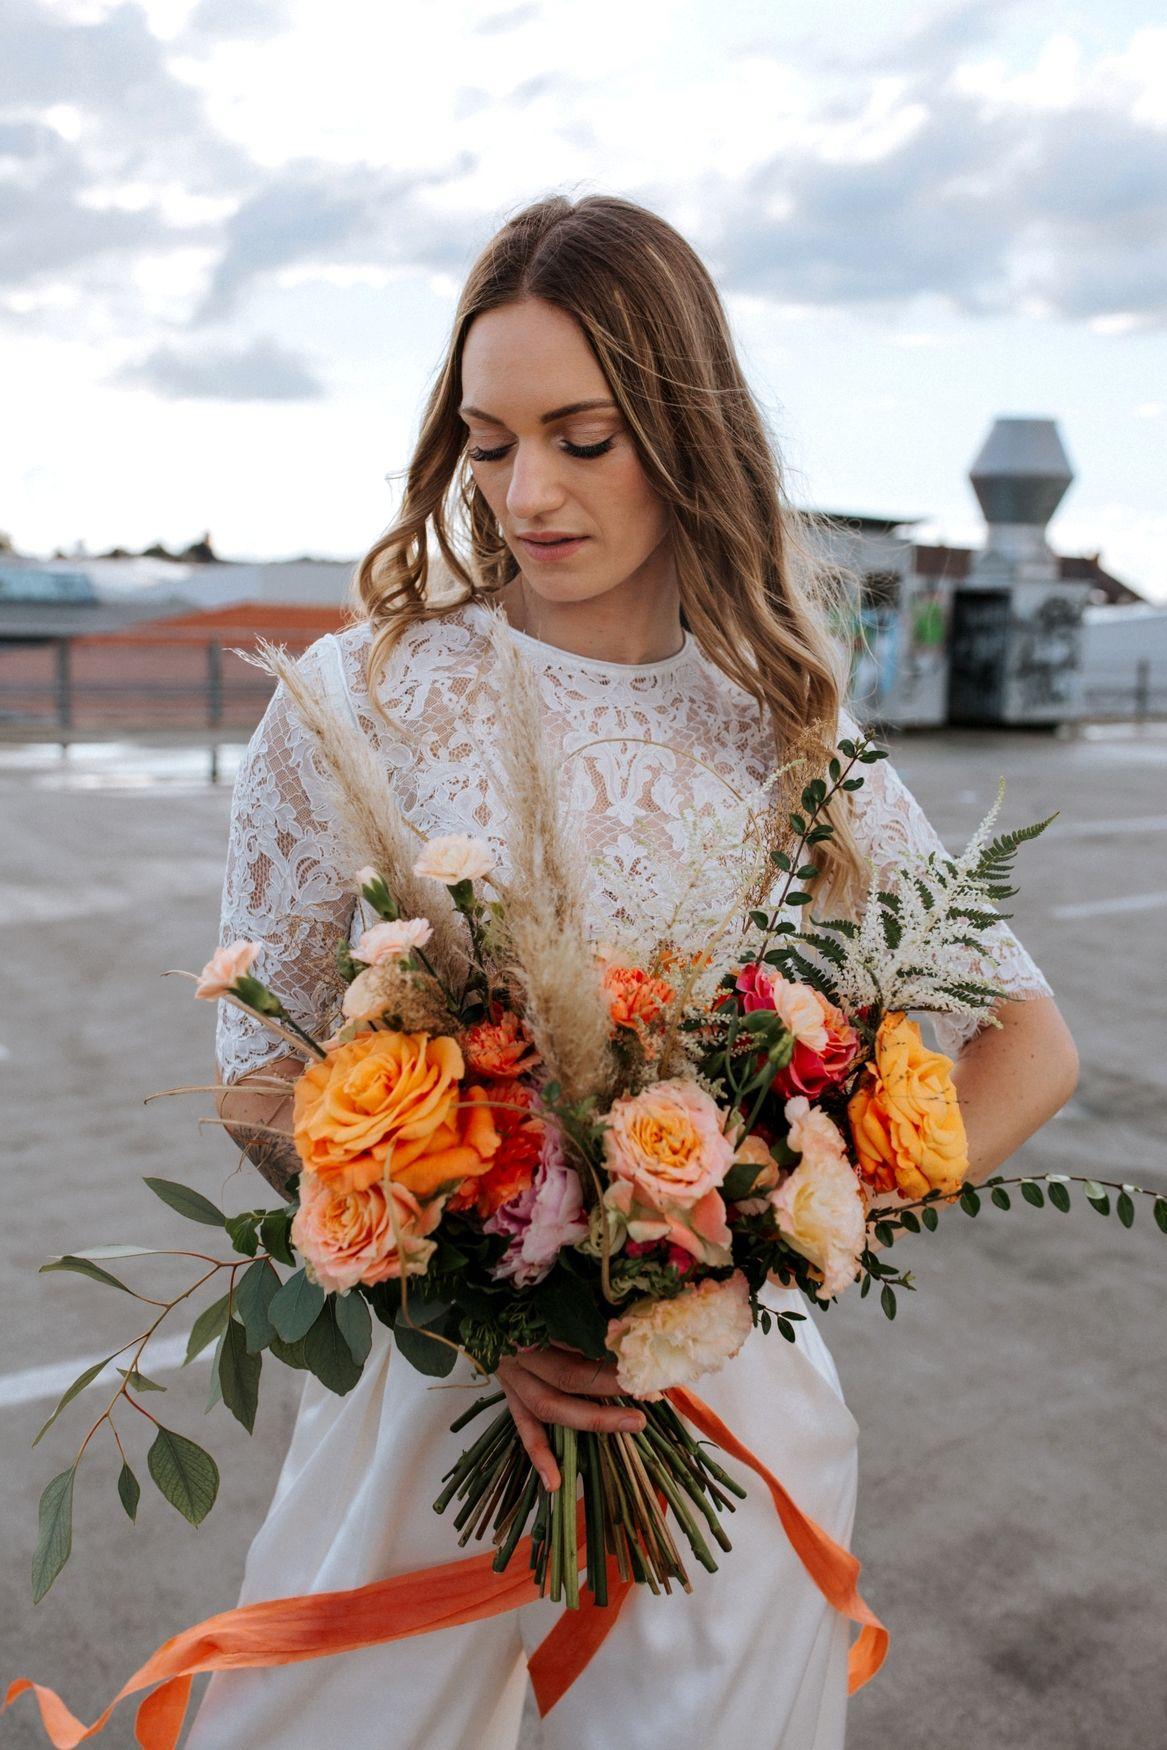 Wildflower_Sonja_Netzlaf_Urban_Rooftop-1